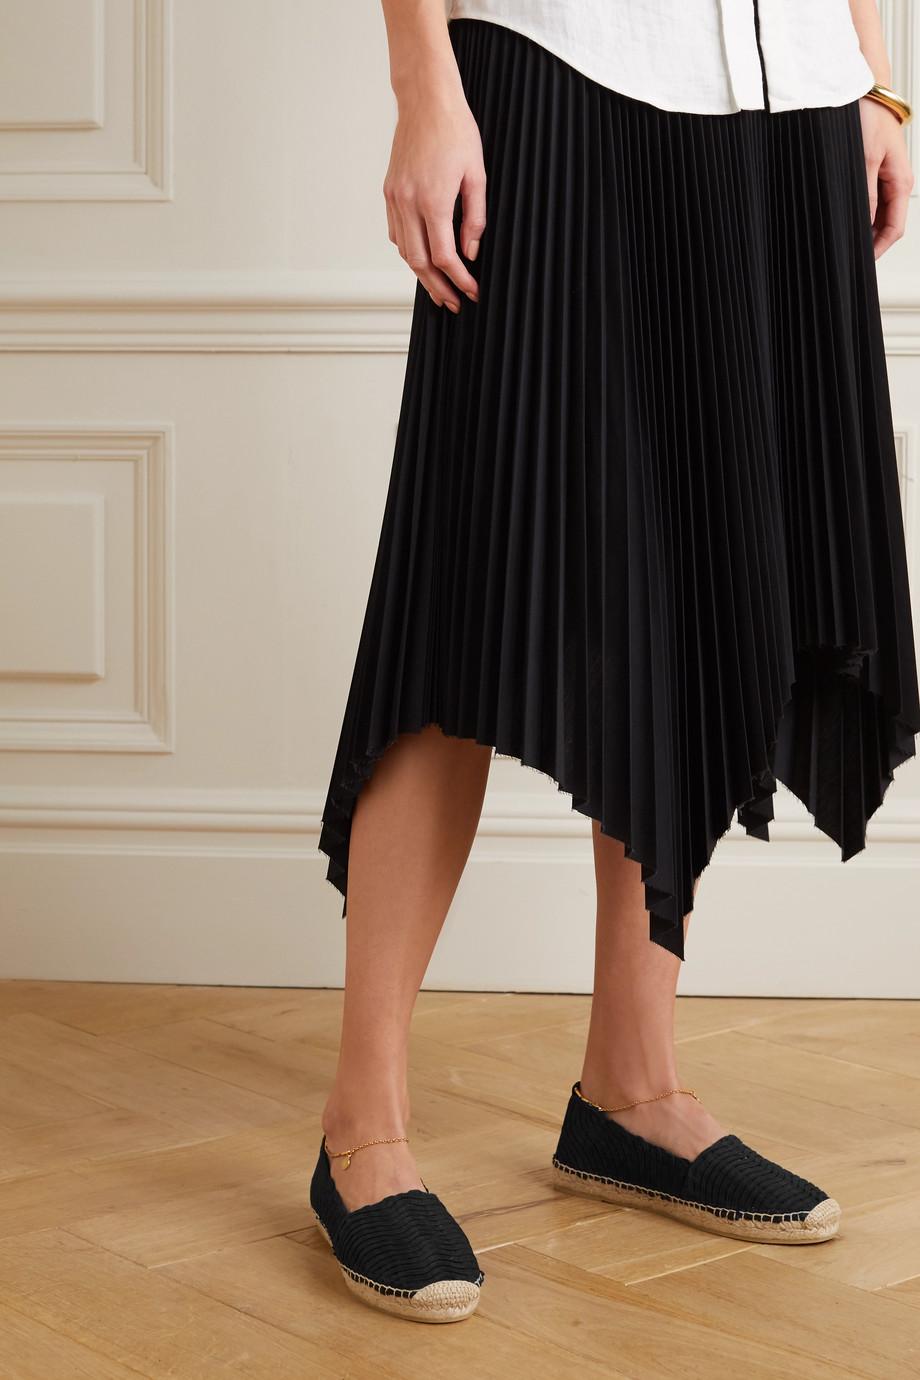 Stella McCartney Chaussures plates façon espadrilles en raphia tressé à ornements Hestia